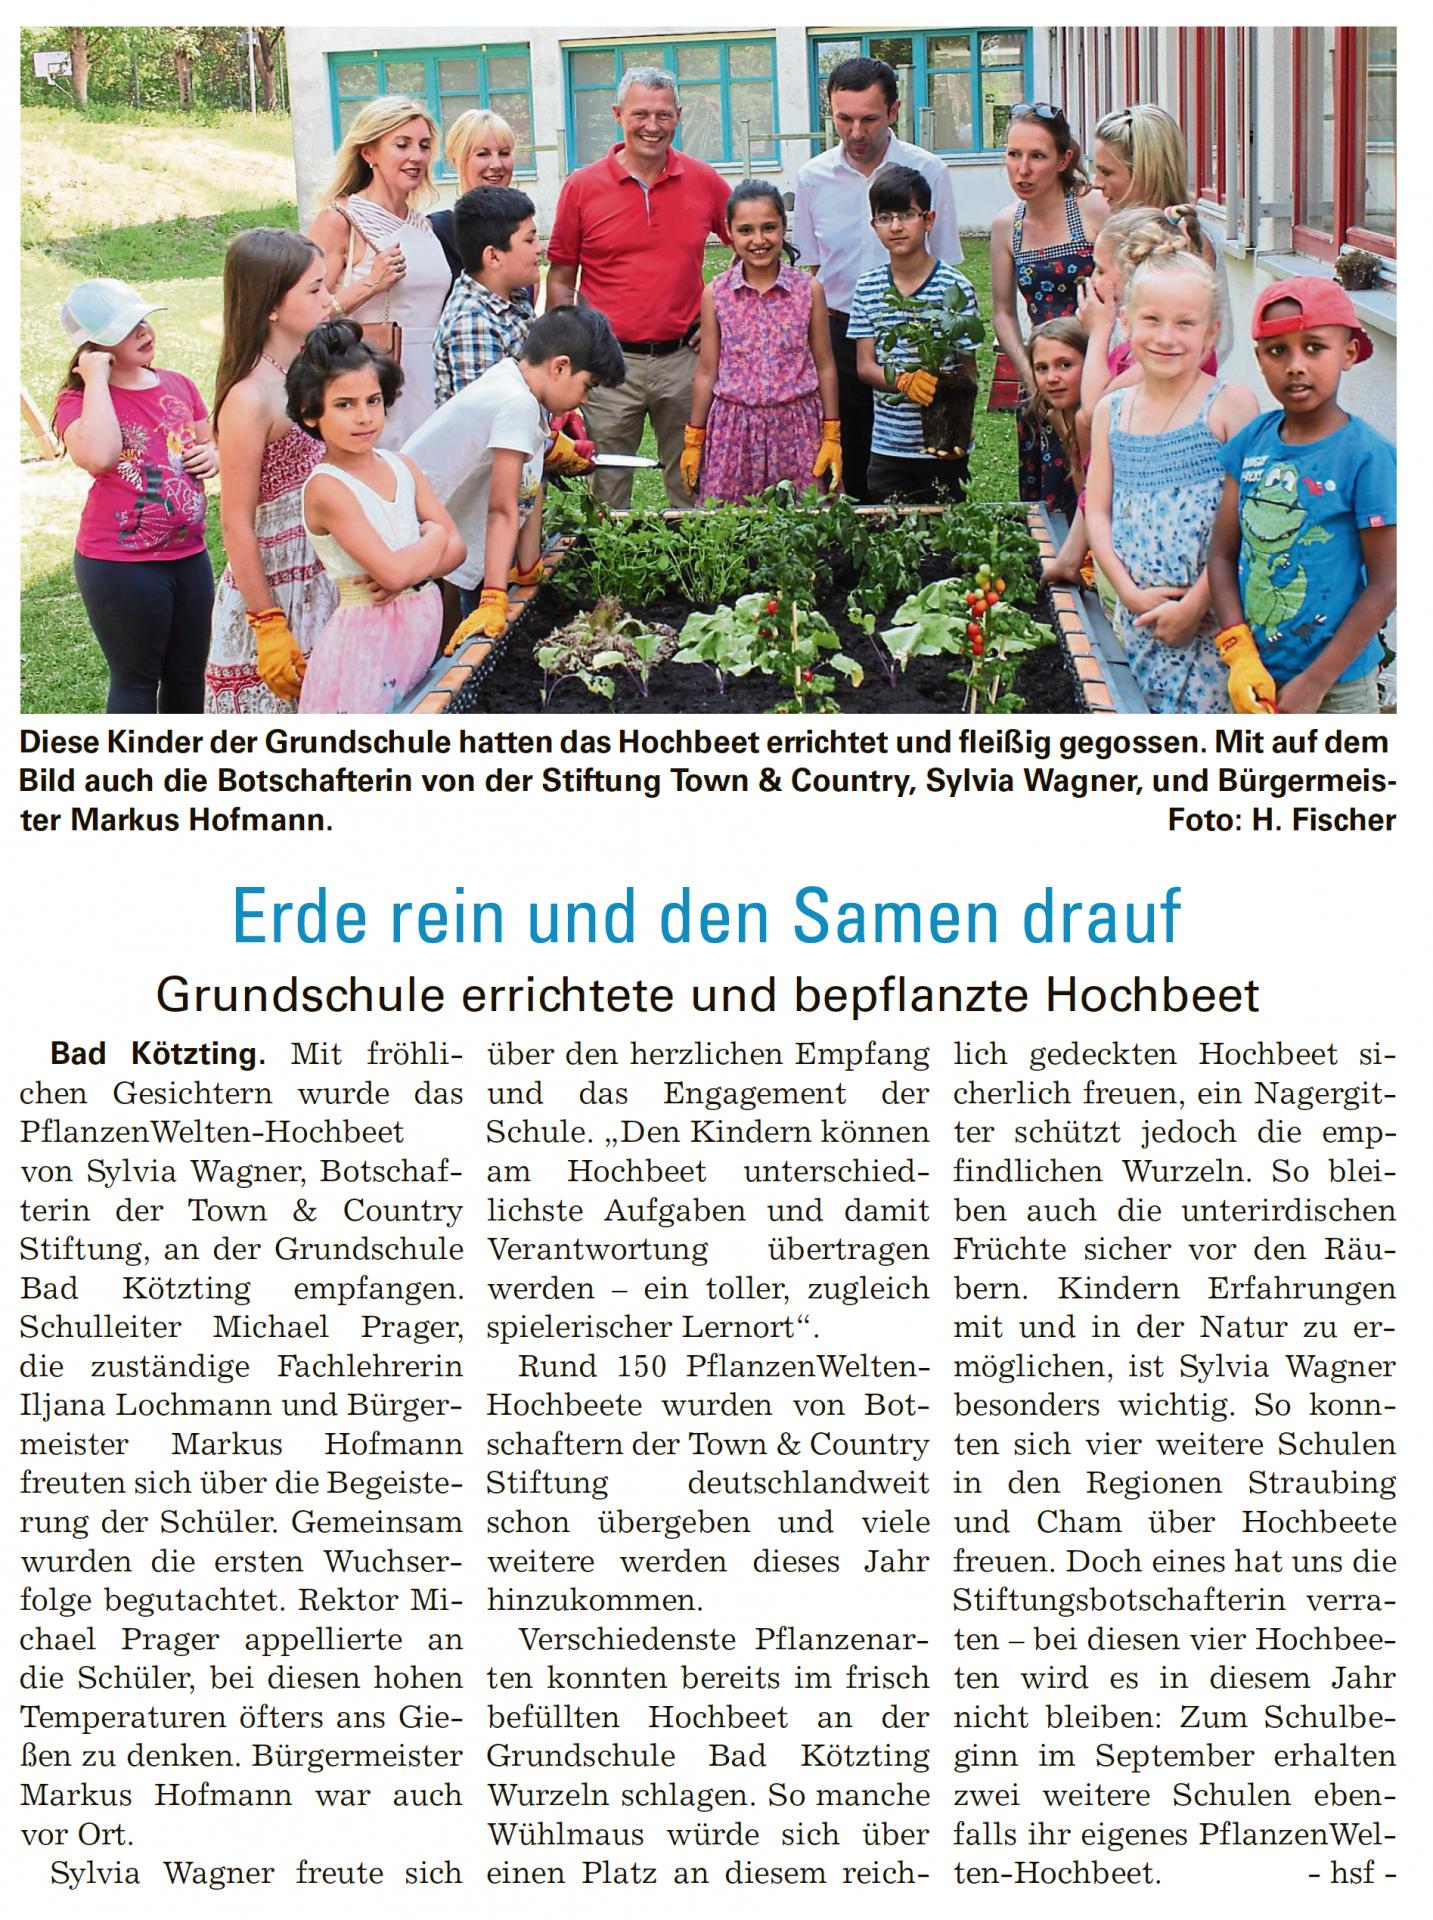 netzwerk natur, PflanzenWelten in Bad Kötzting, Chamland aktuell vom 12.07.2017